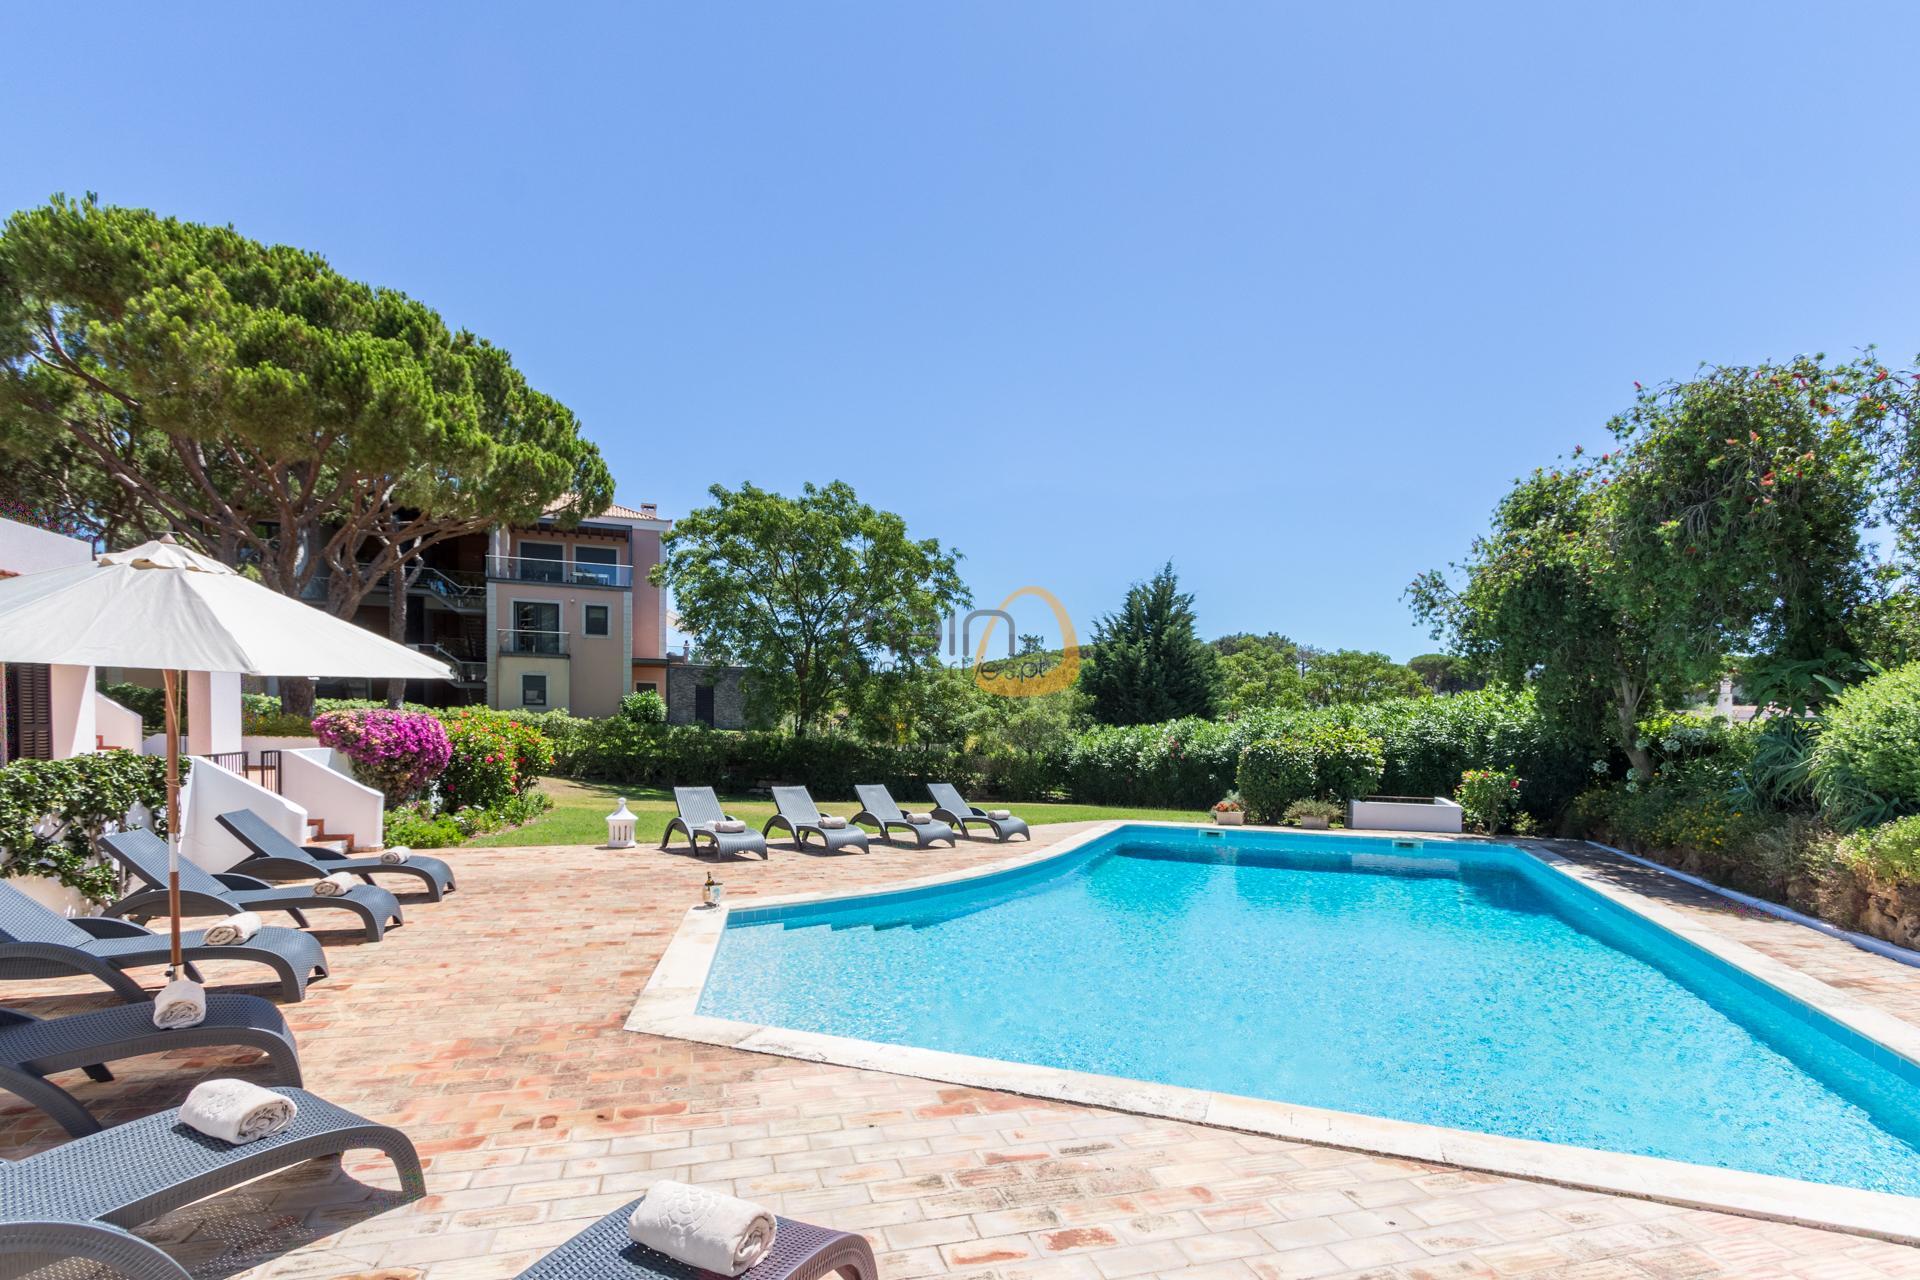 villa-in-vale-do-lobo-algarve-golden-triangle-portugal-property-real-estate-mainproperties-mp139vdl-2